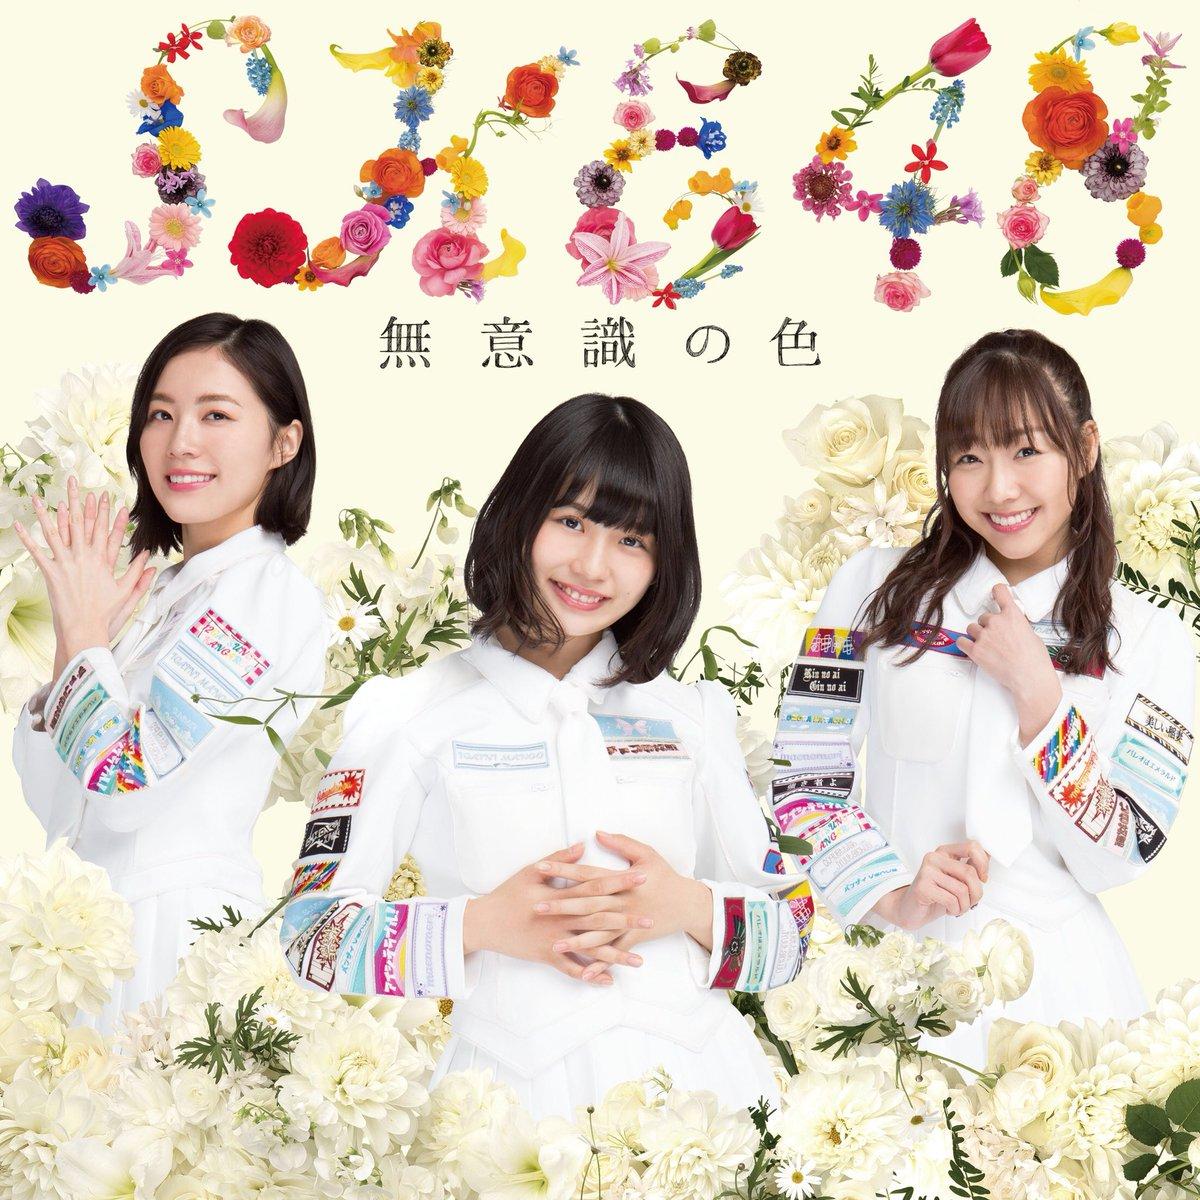 【ご案内】 #SKE48 「 #無意識の色 」の、東海地区限定でオンエア中のTV-CM映像ですが、東…